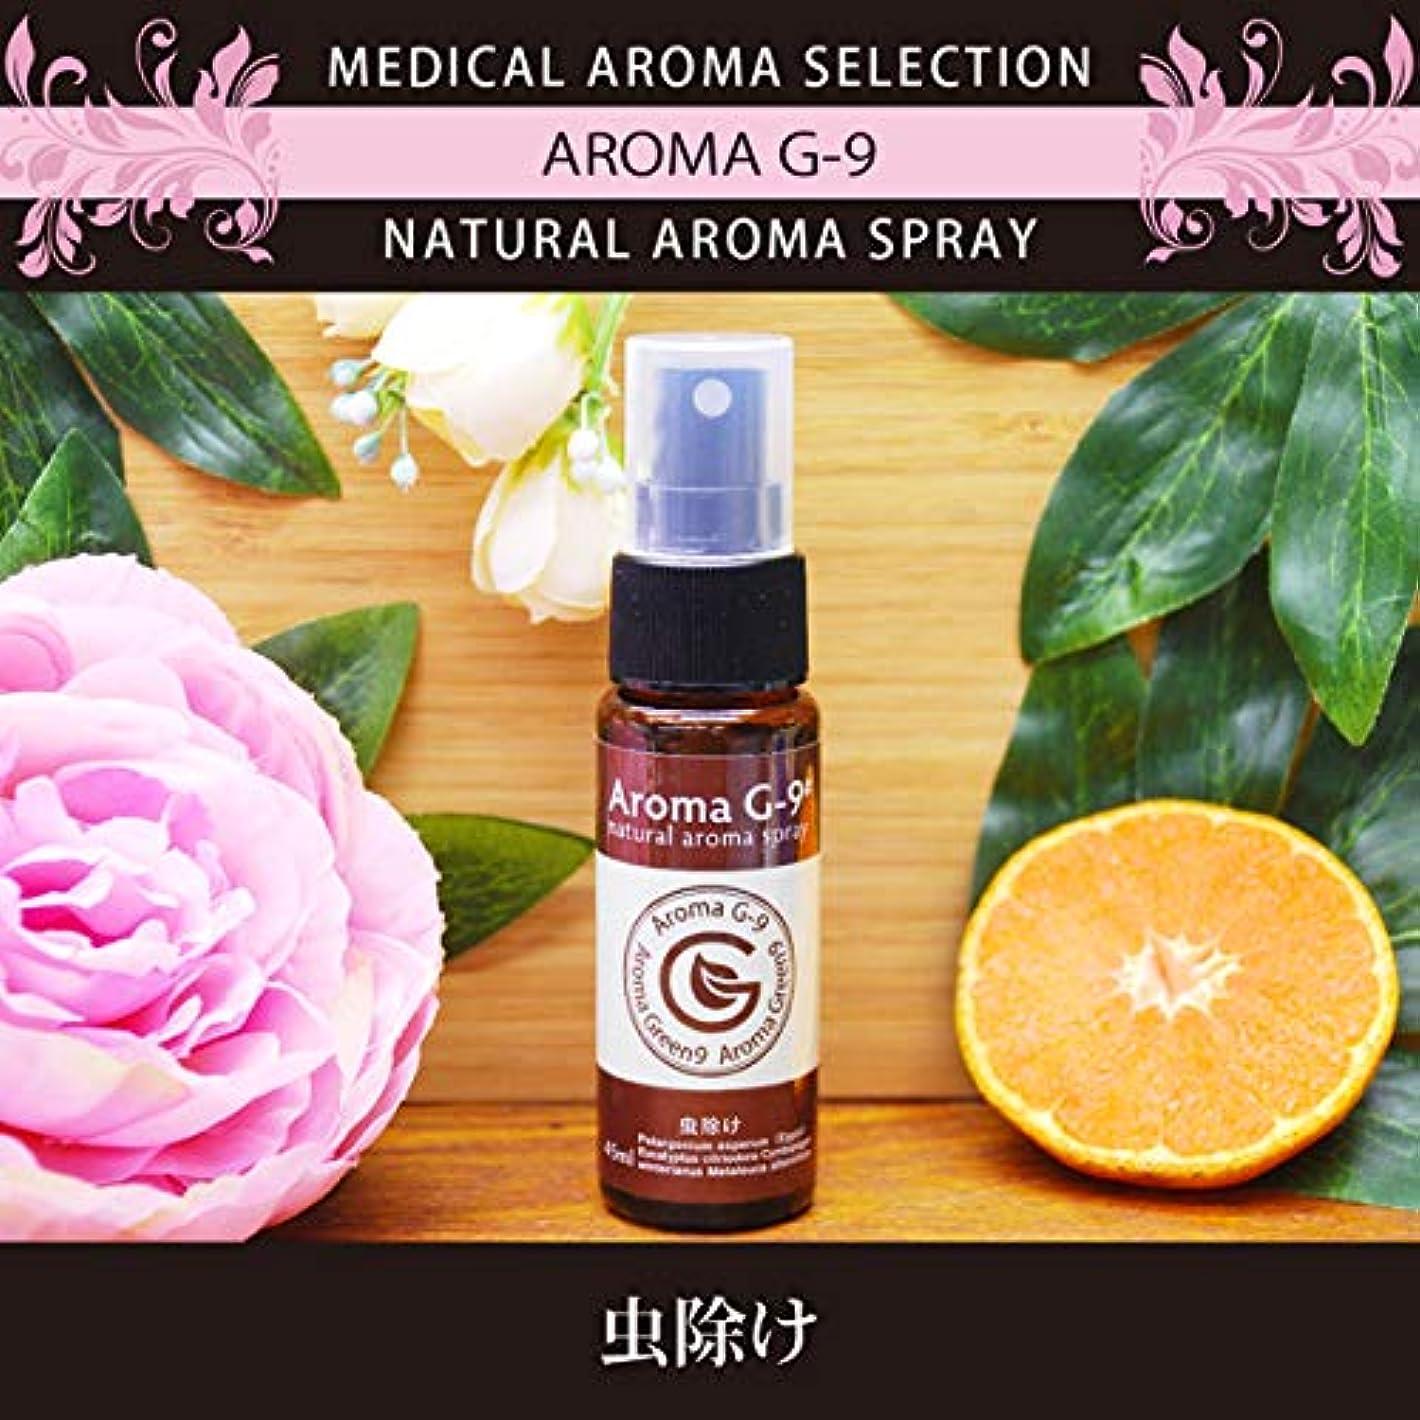 バウンスインセンティブ階下アロマスプレー Aroma G-9# 虫除けスプレー 45ml